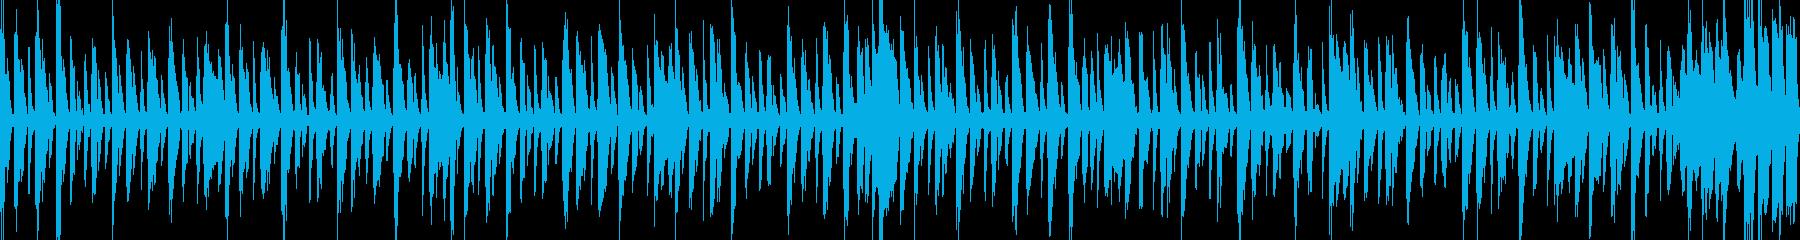 怪しい曲の再生済みの波形